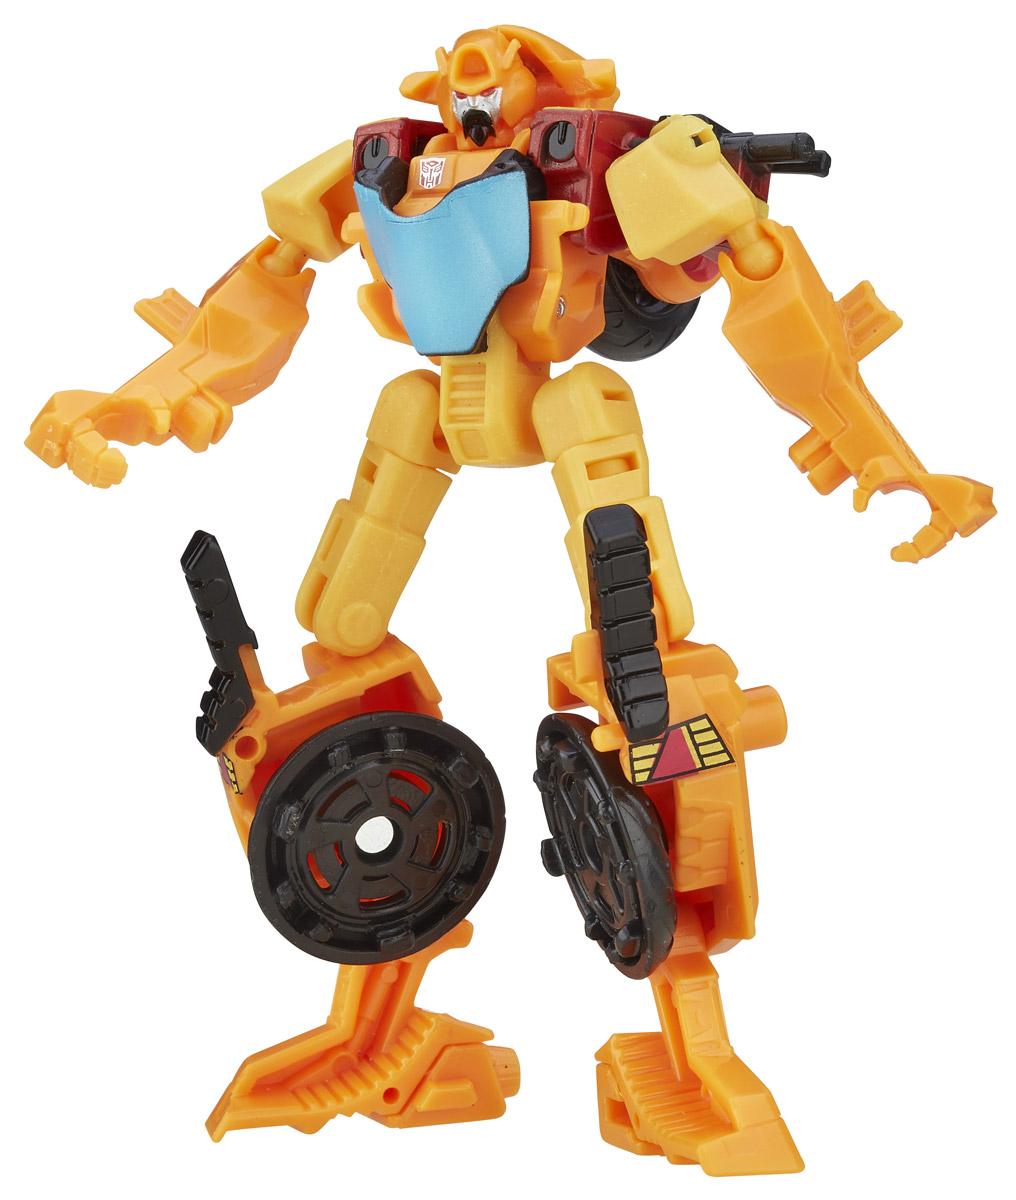 Transformers Трансформер Wreck-Gar игровые наборы transformers электронная маска трансформеров